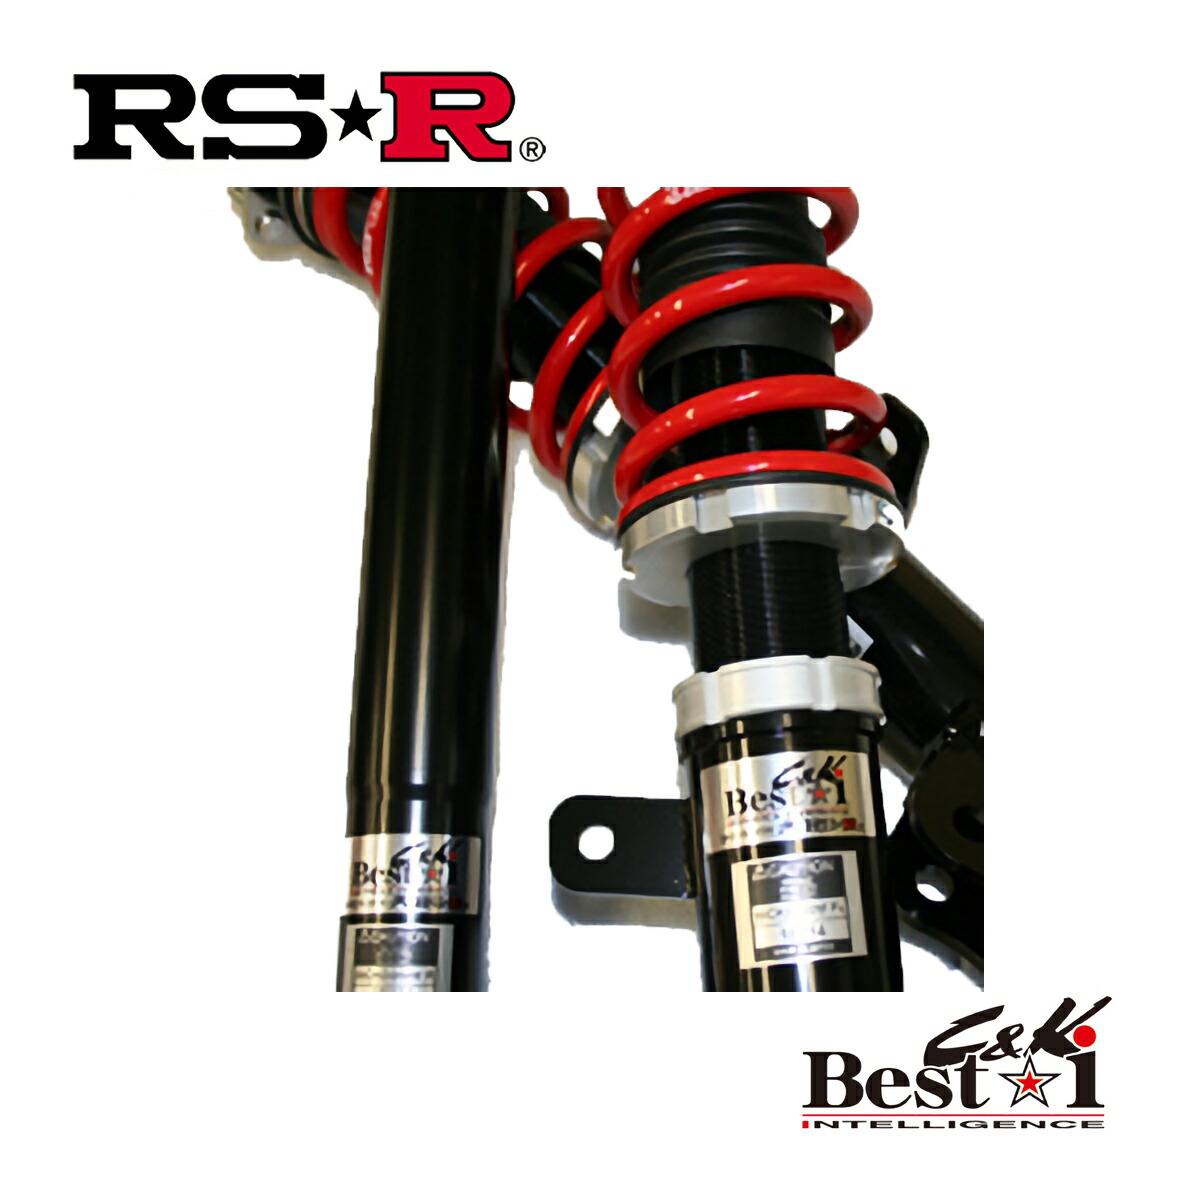 RS-R ロッキー A200S プレミアム 車高調 BICKD073M ベストi C&K RSR 個人宅発送追金有